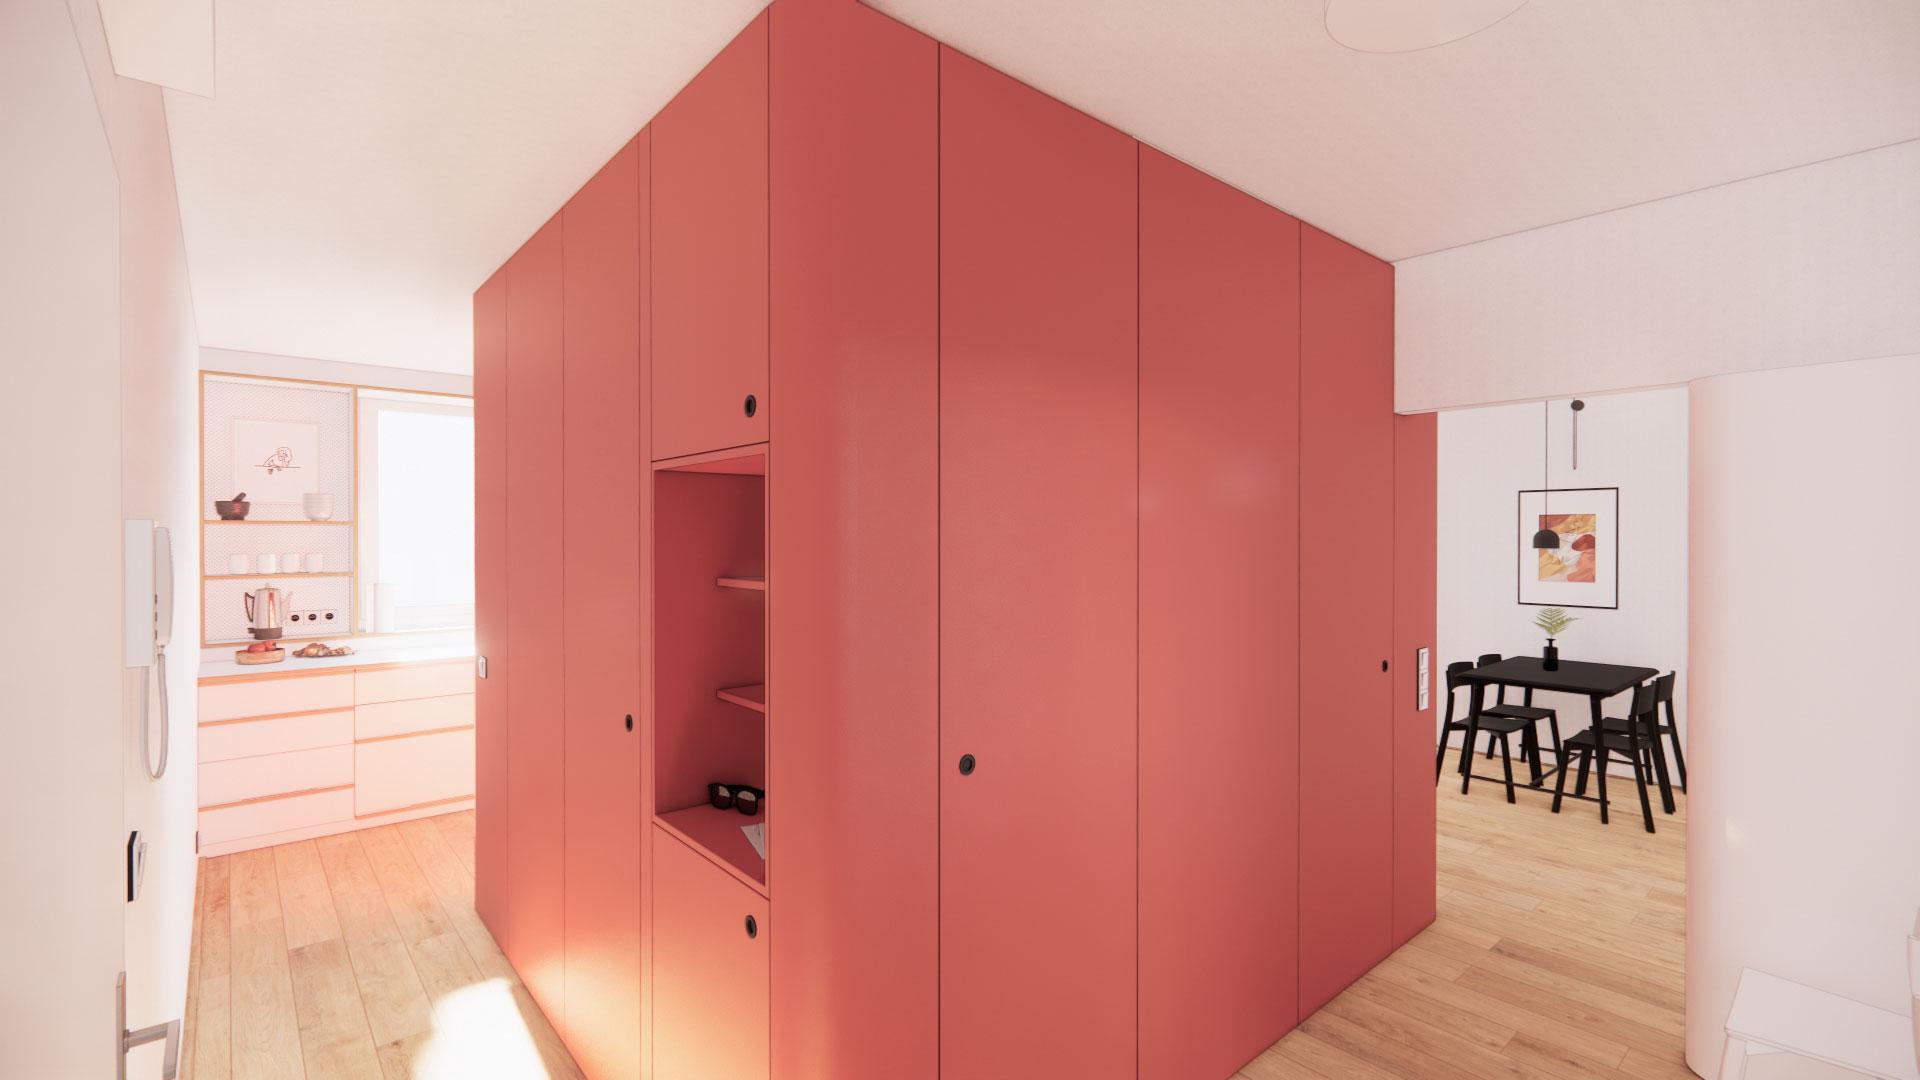 noiz-architekti-interier-byt-lotysska-02